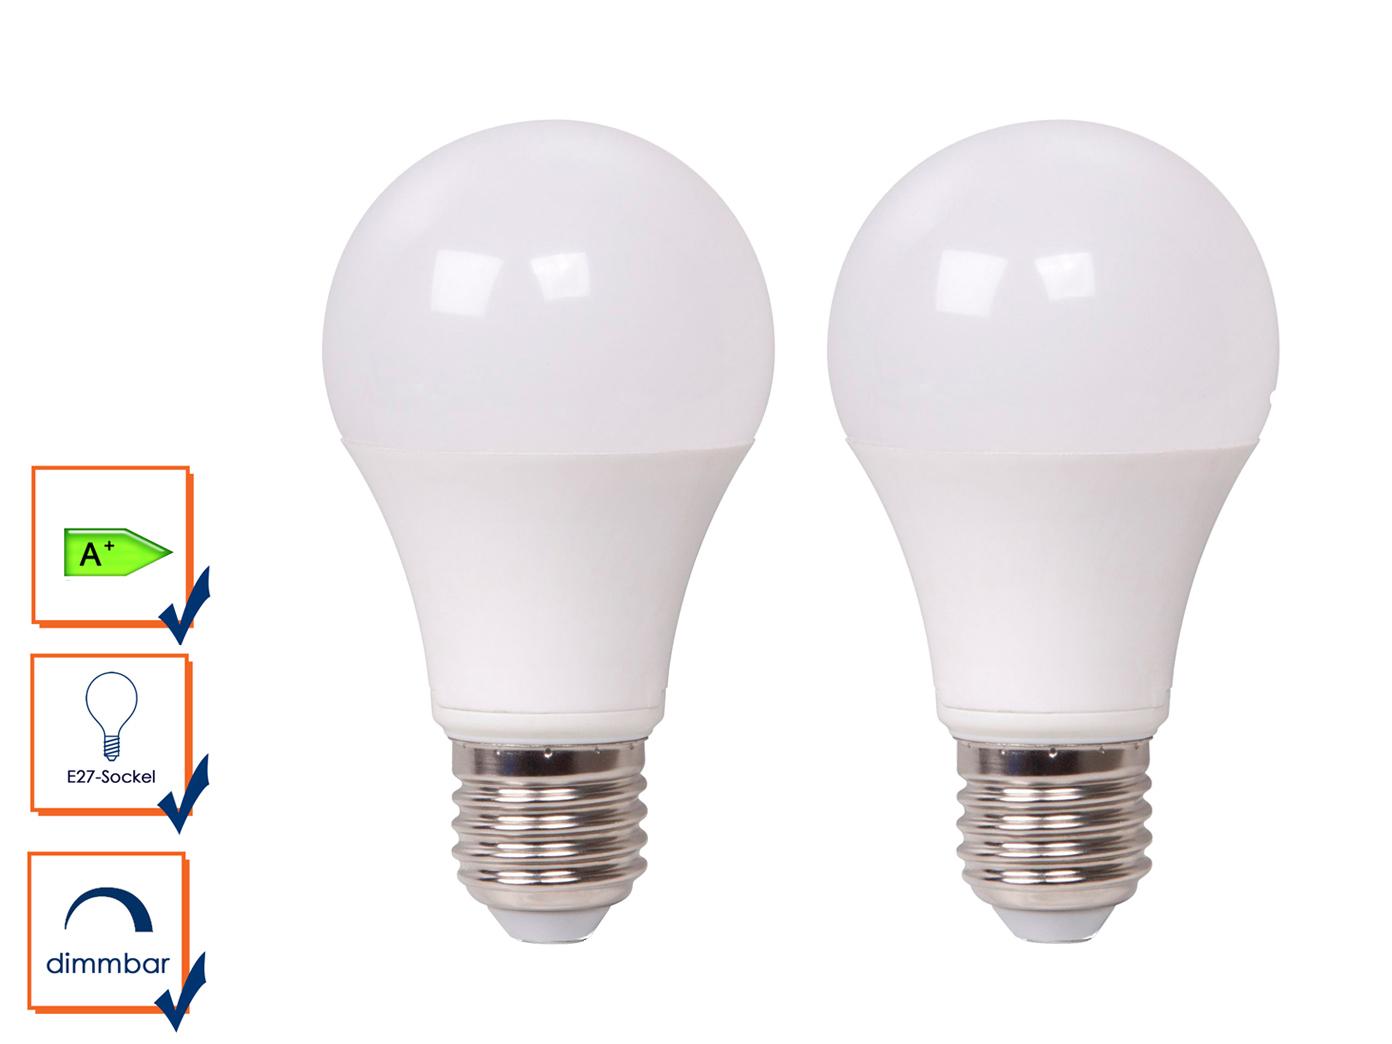 2x led lampe dimmbar 9 watt 806 lumen 2700 kelvin e27 sockel